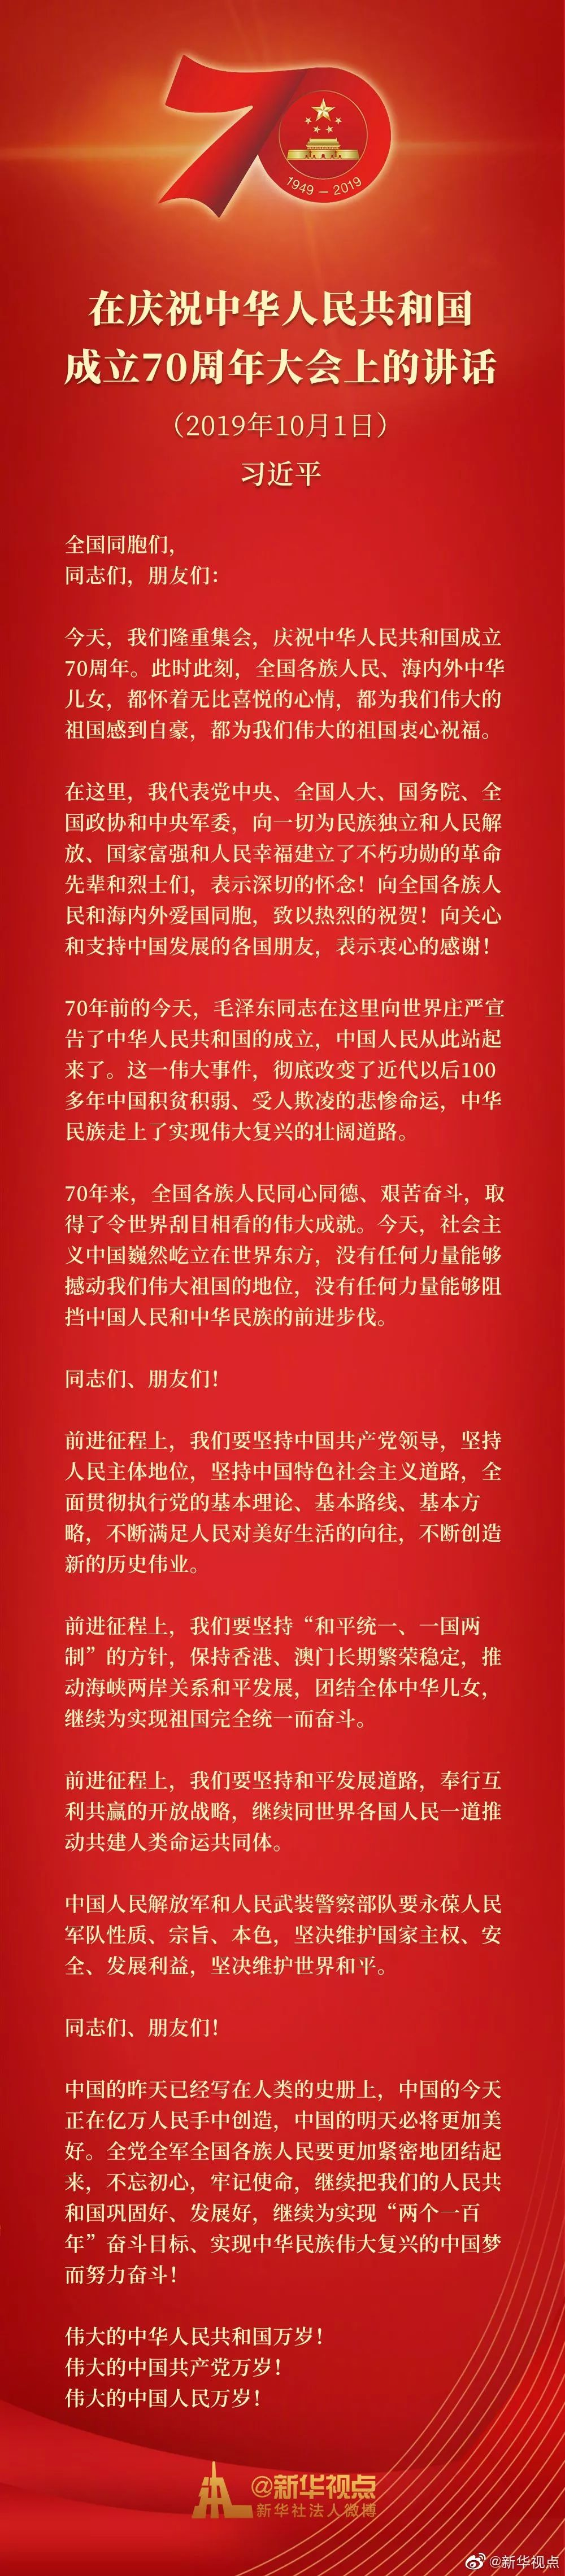 习近平在庆祝中华人民共和国成立70周年大会上的讲话(全文)